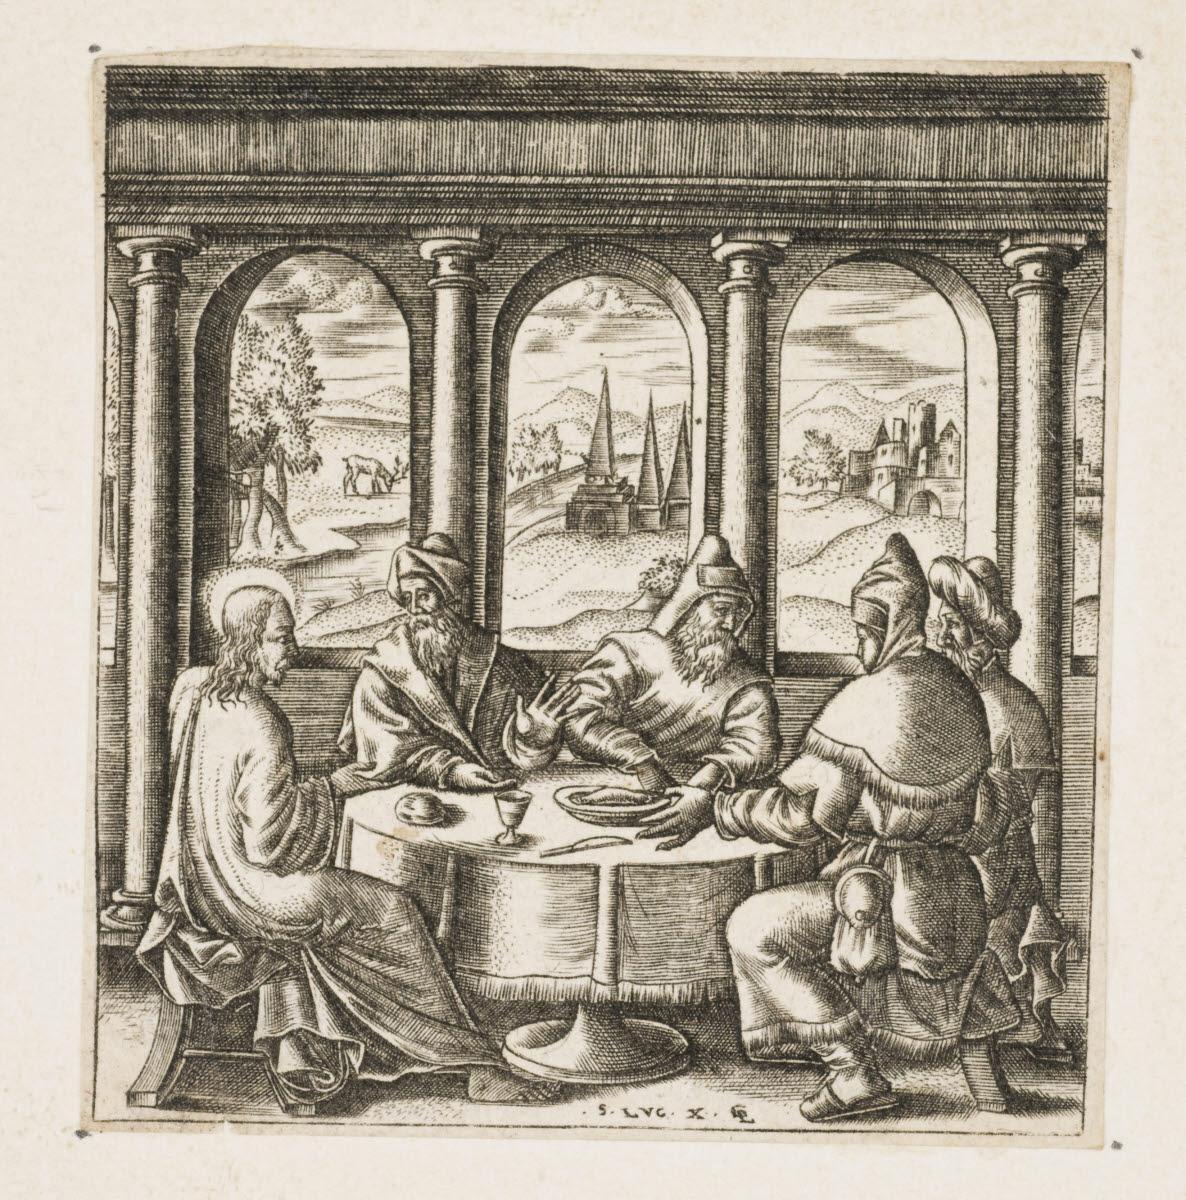 GAULTIER Léonard (inventeur, graveur) : Jésus dînant chez un pharisien